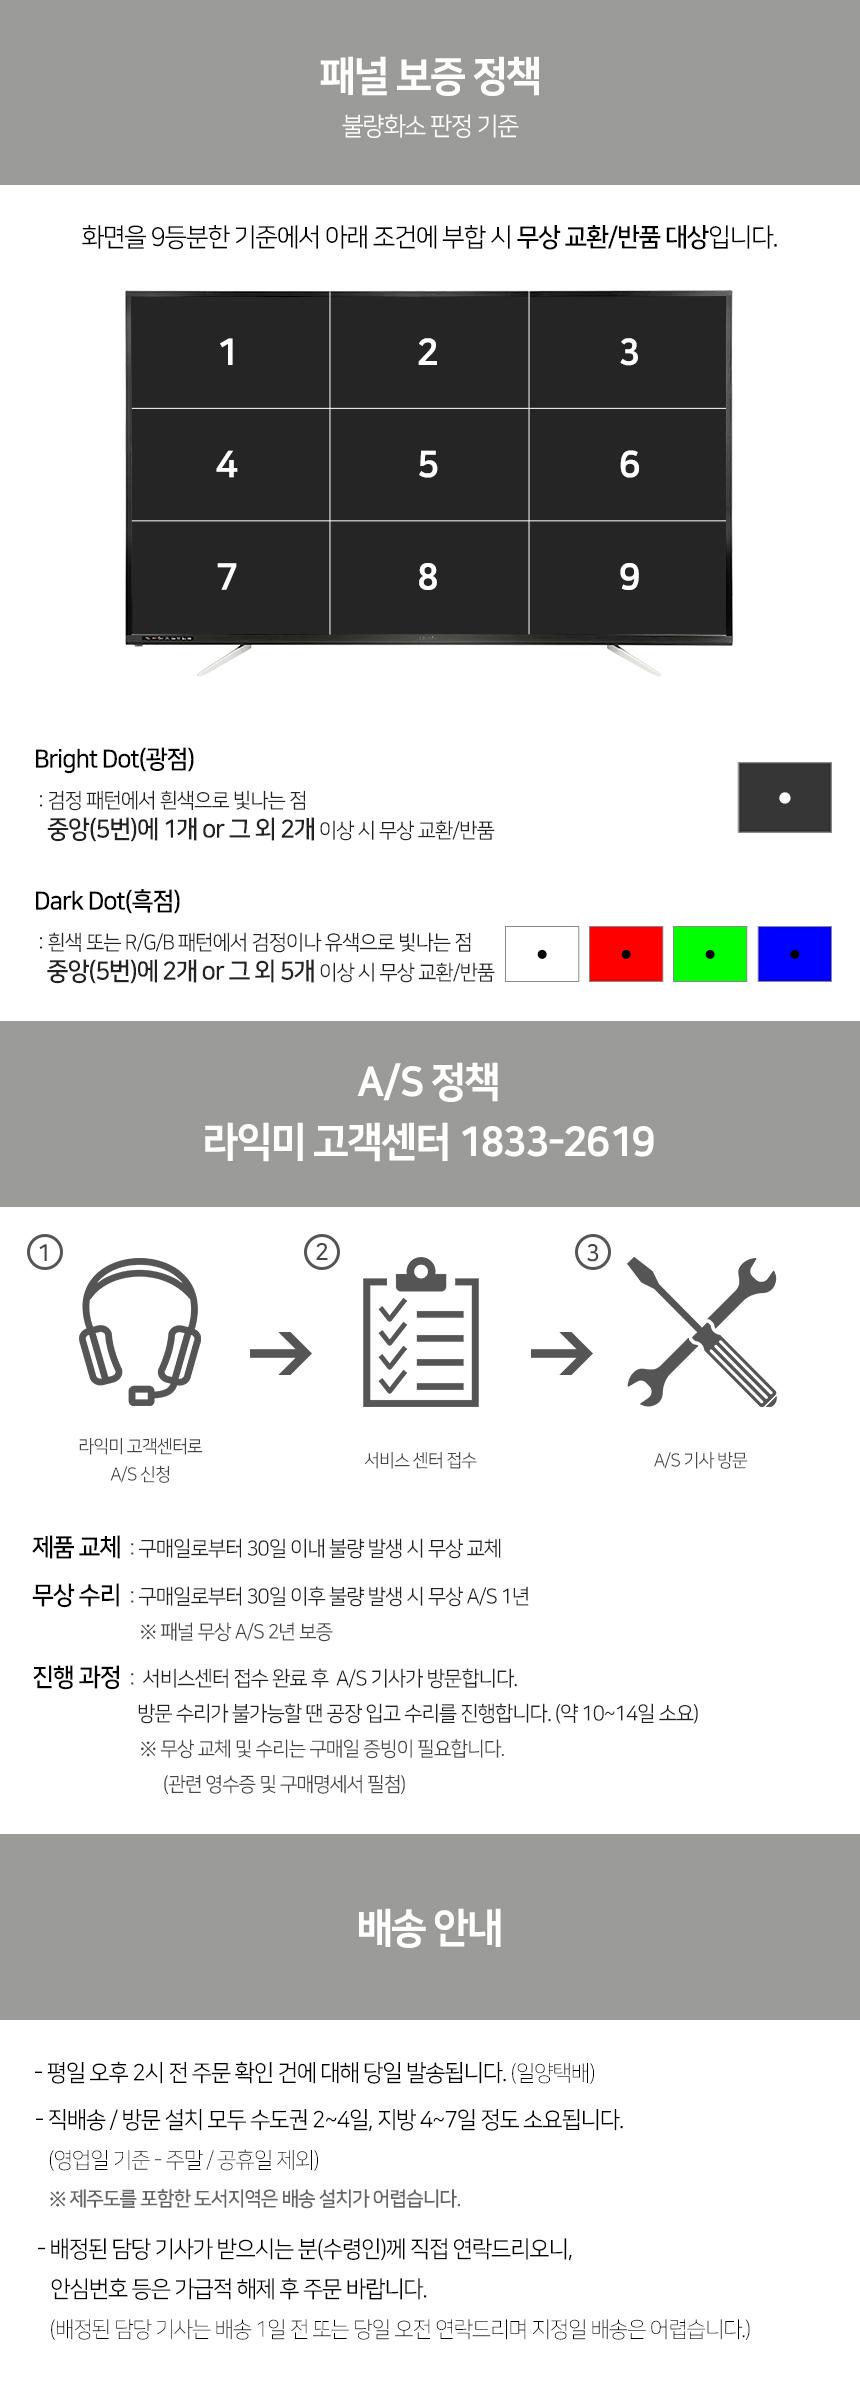 라익미 스마트 DS7001L 4K HDR 다이렉트TV (스탠드)